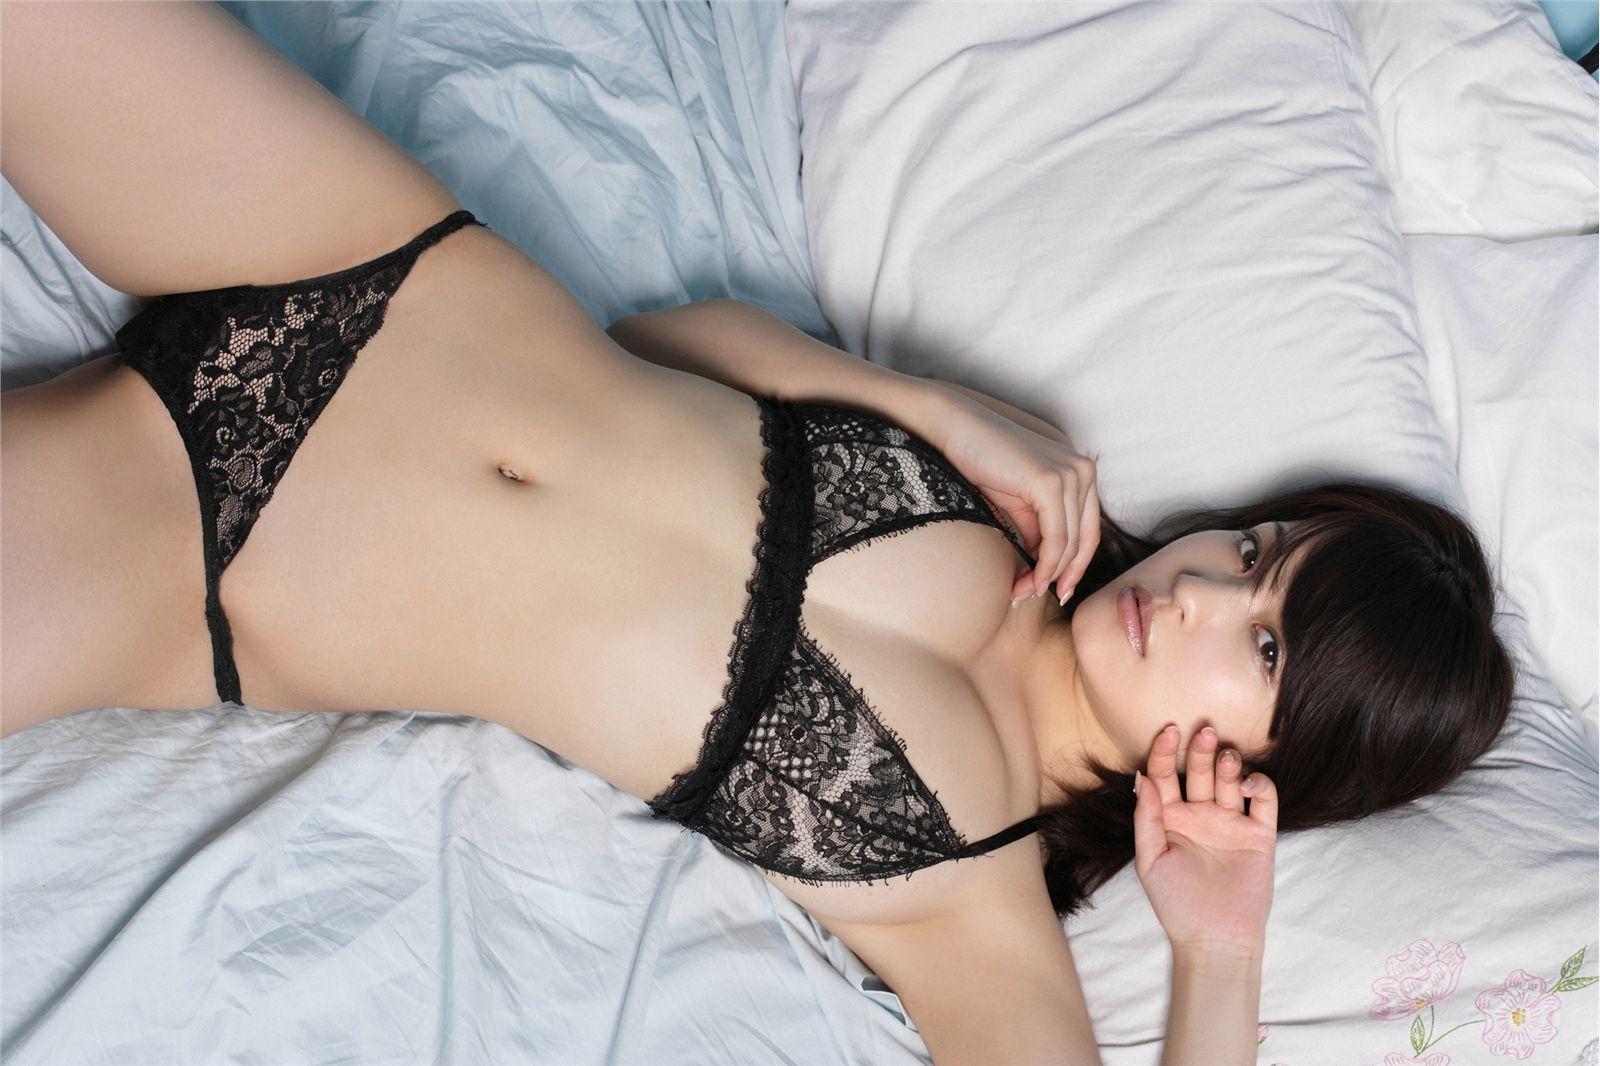 三次元 3次元 エロ画像 ベッド べっぴん娘通信 24